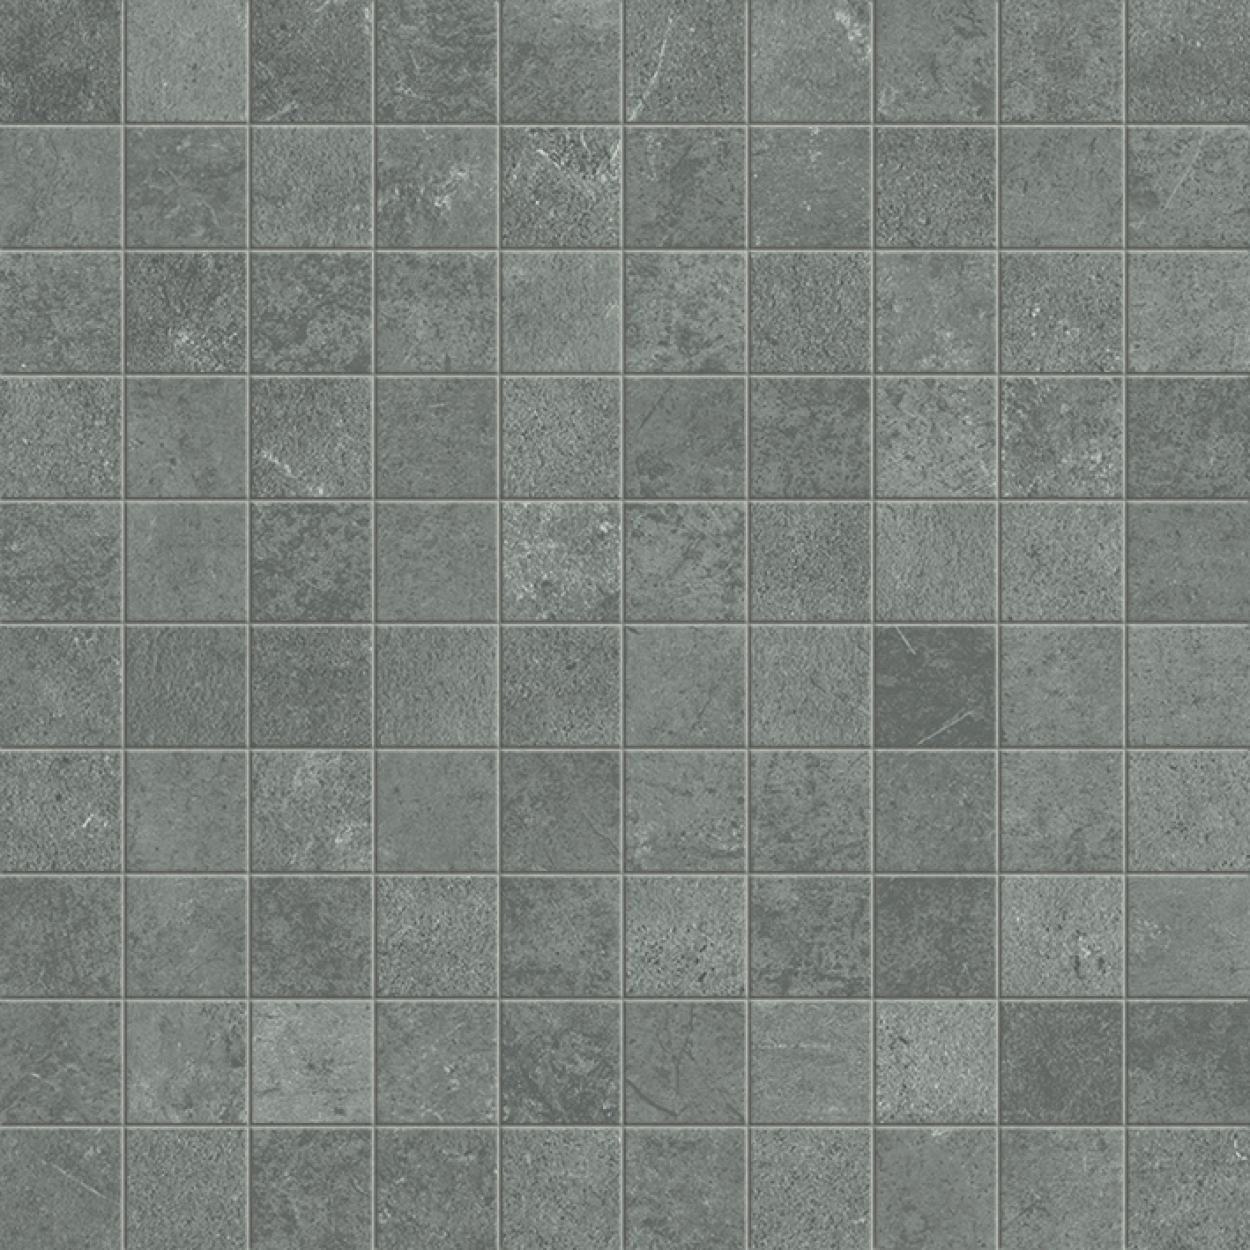 1 x 1 Midtown Queens mosaic